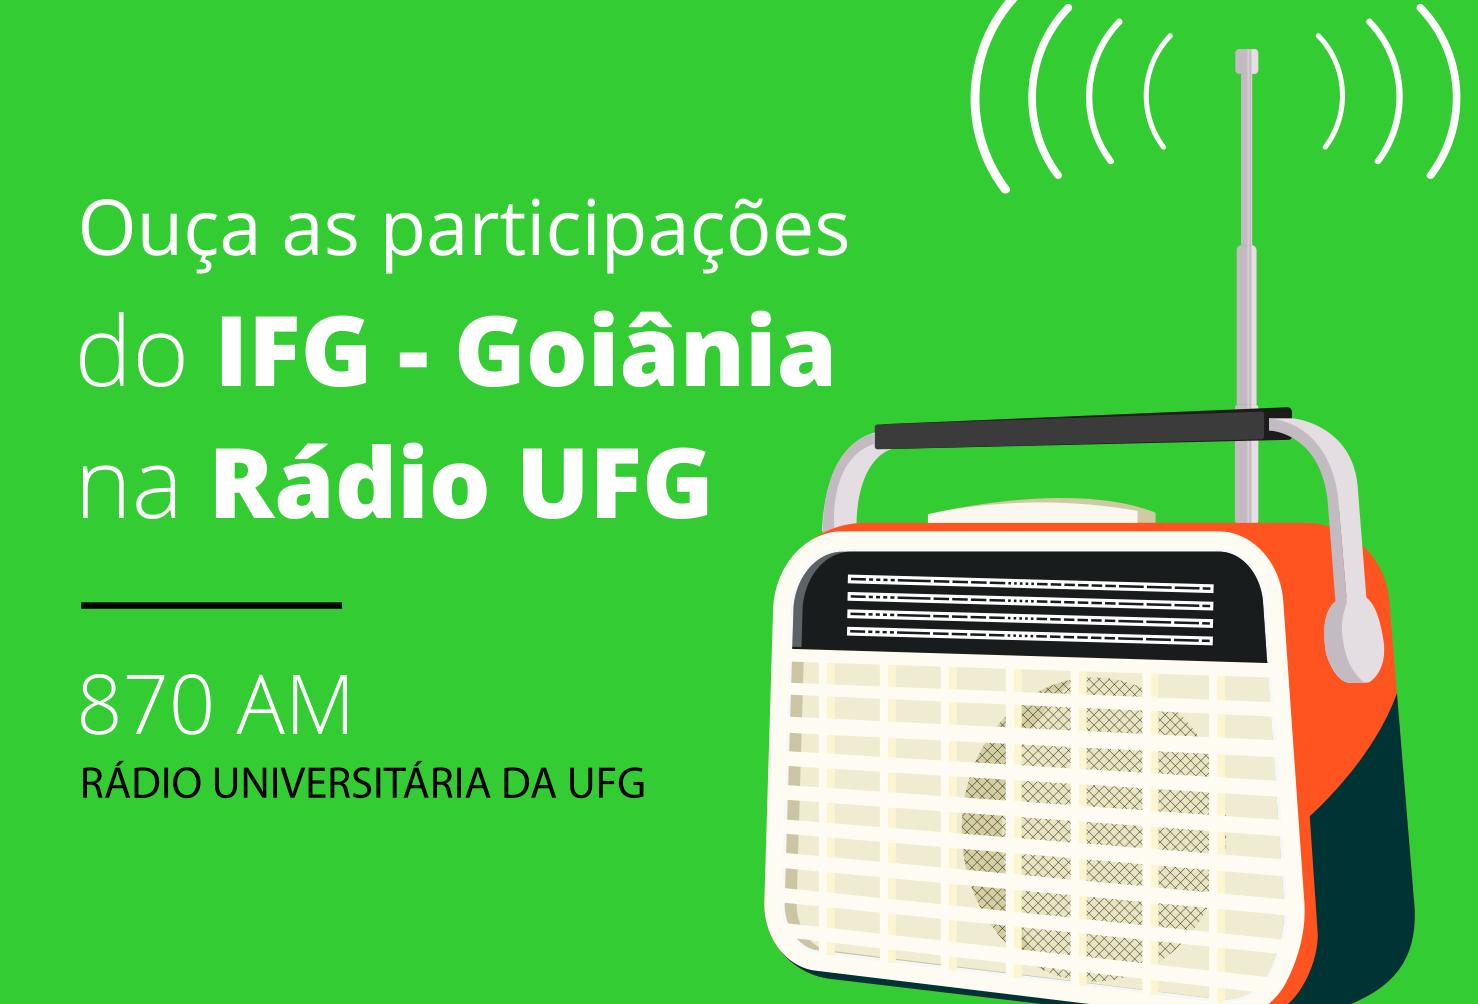 imagem destaque com gravura de um rádio e texto convidando para escutar a participação do IFG na rádio ufg